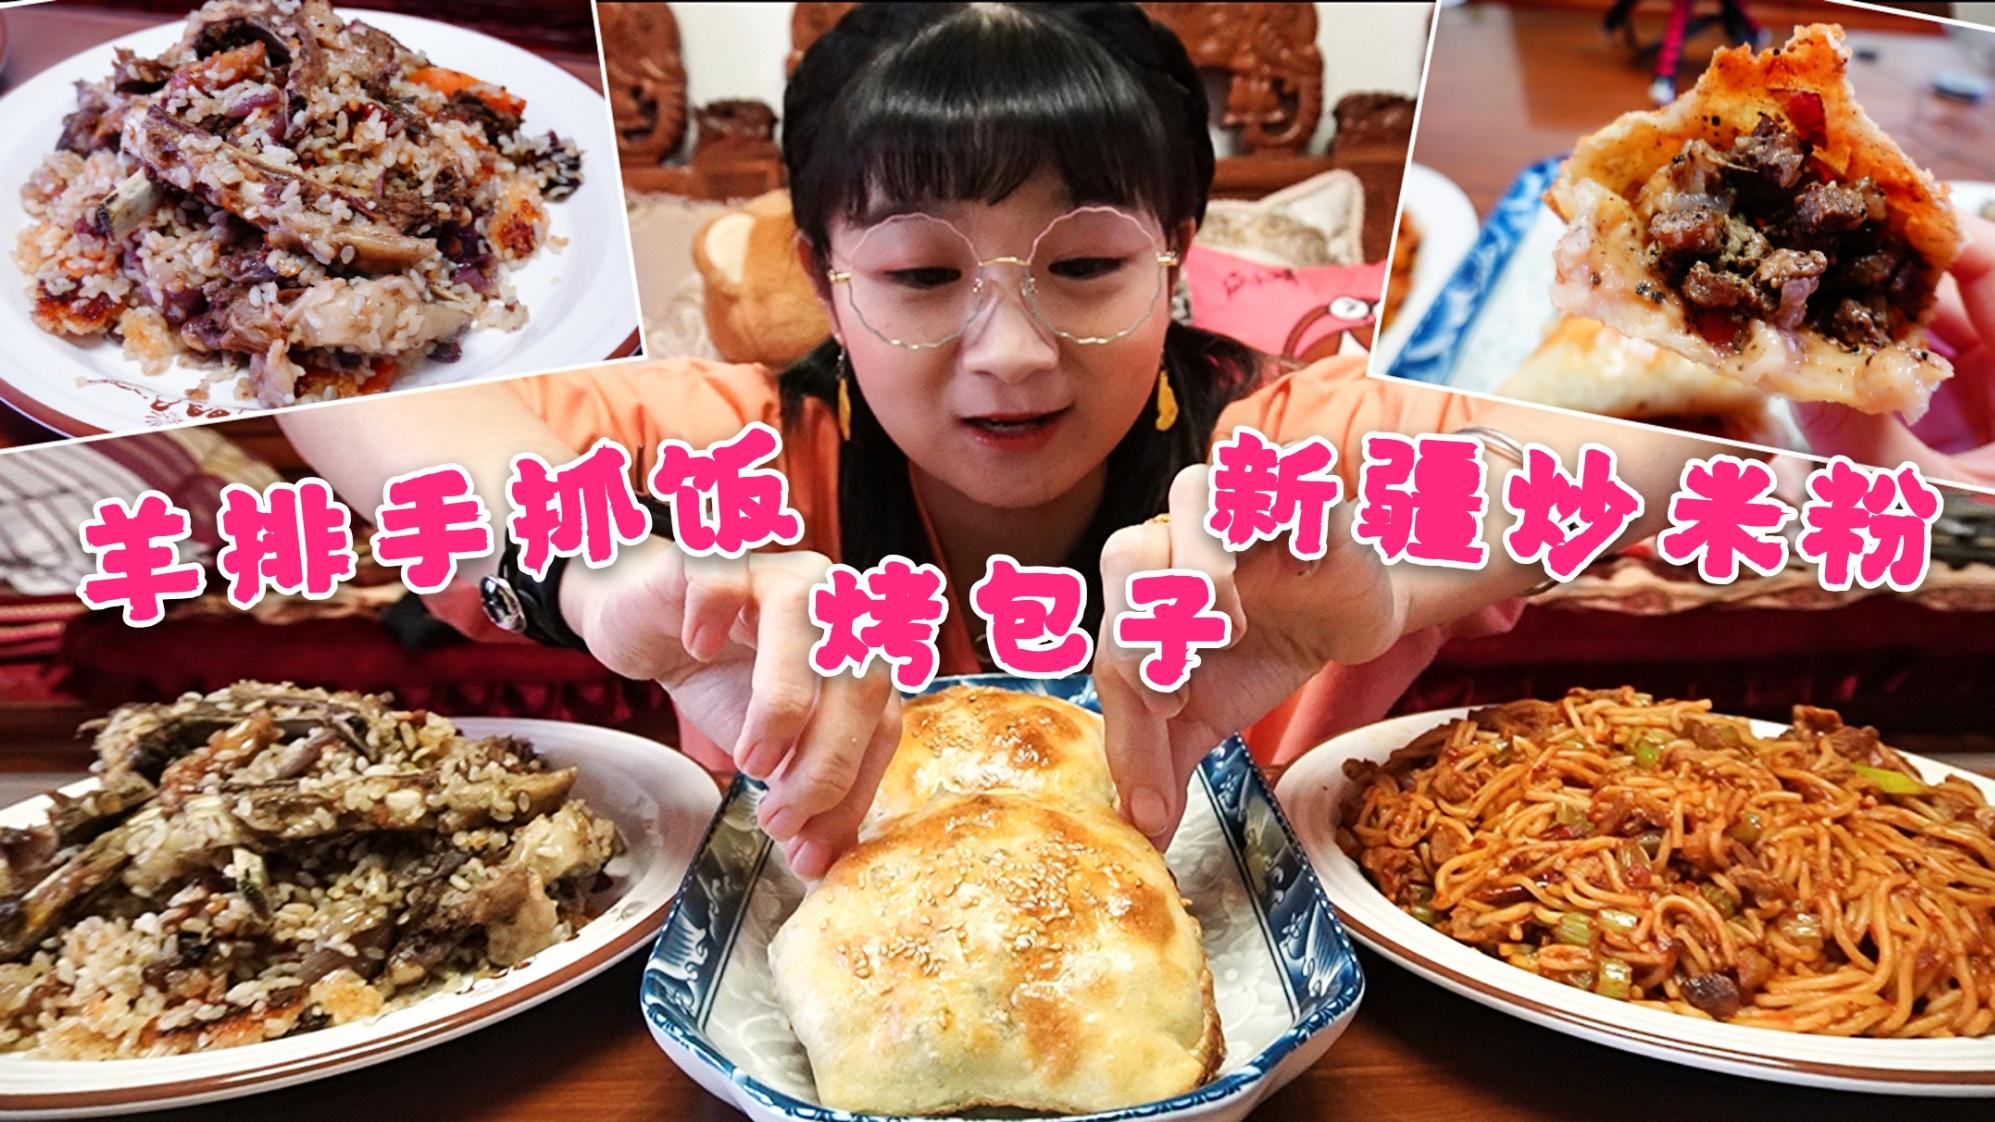 【小猪猪的vlog】宅家自制新疆烤包子、新疆炒米粉和羊排手抓饭